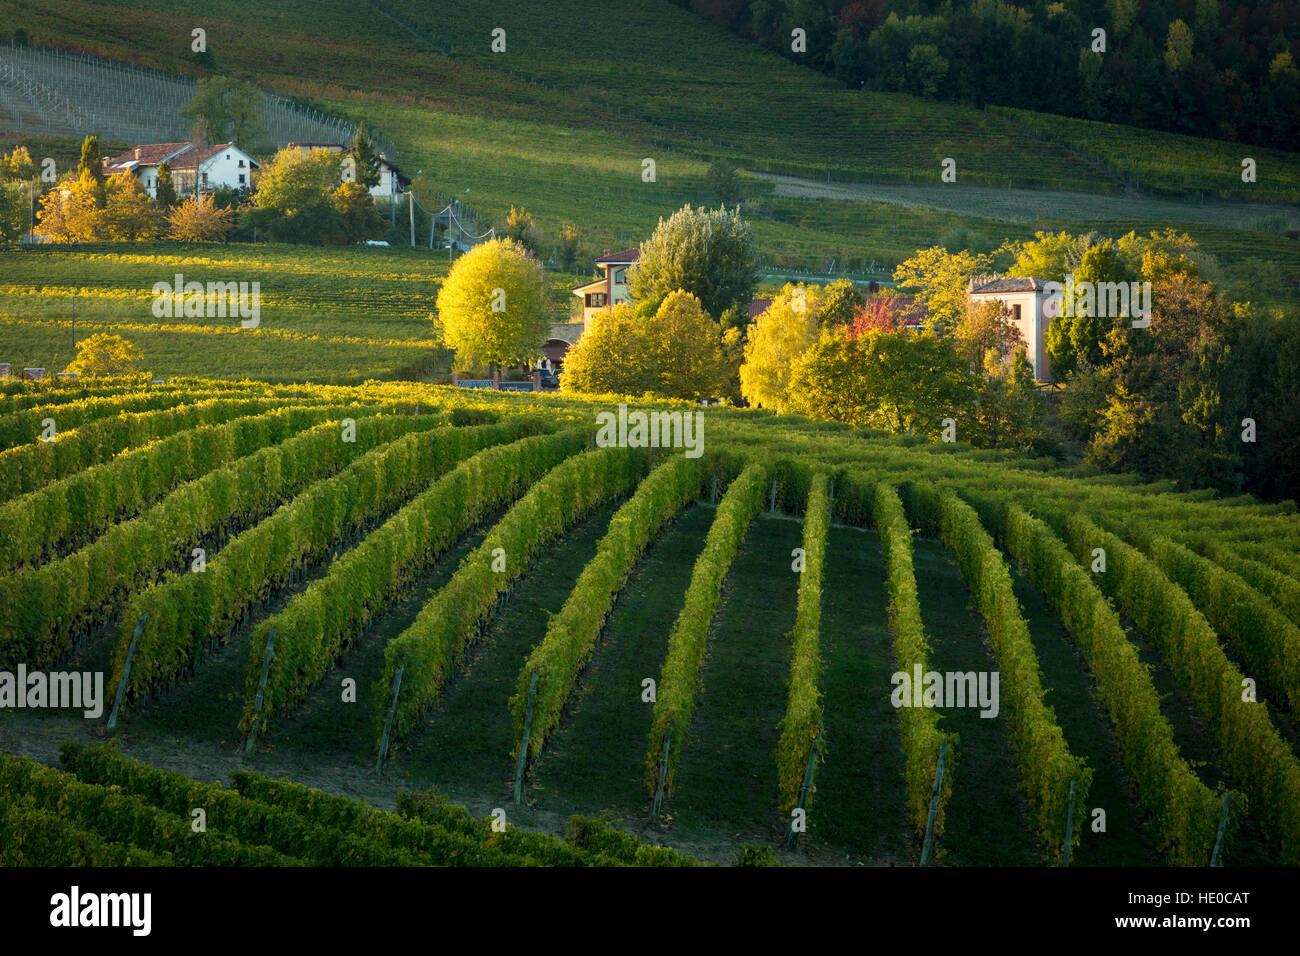 Herbstabend Sonnenlicht auf den Weinbergen in der Nähe von Barolo, Piemont, Italien Stockbild